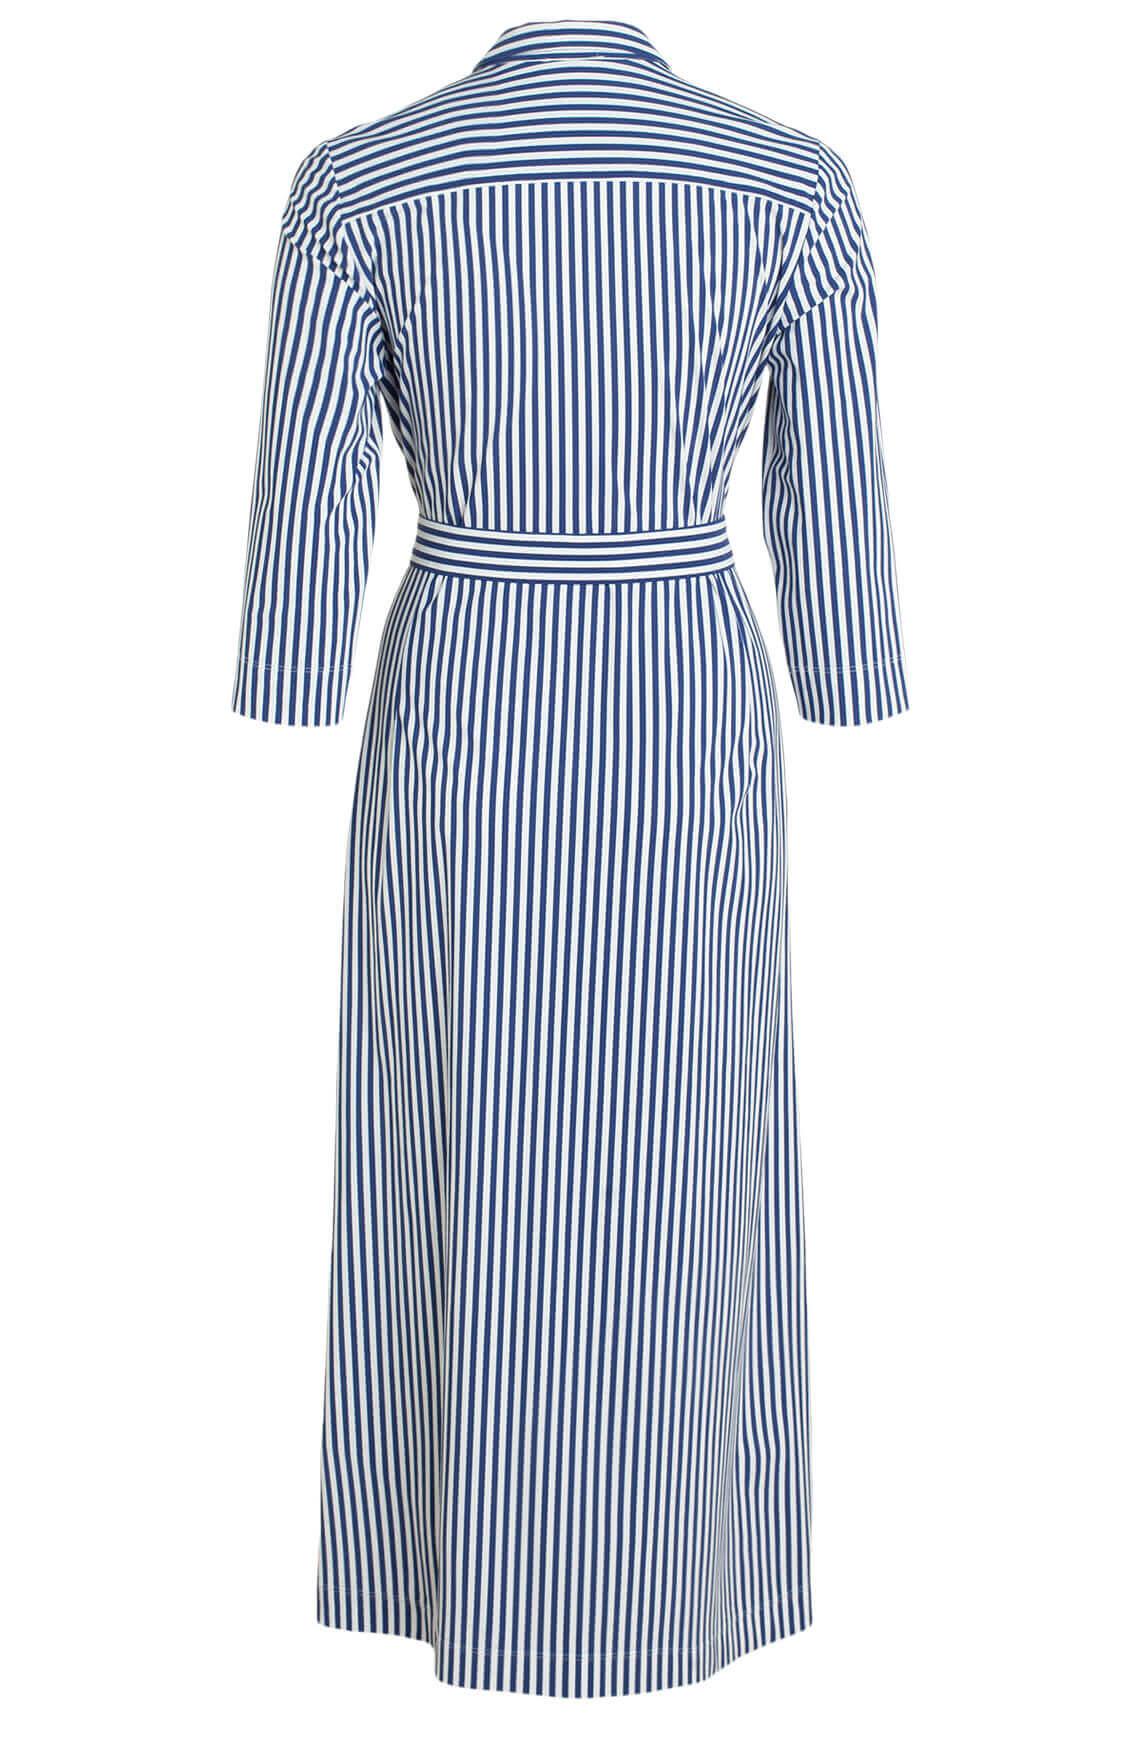 Anna Dames Jersey sensitive jurk Blauw